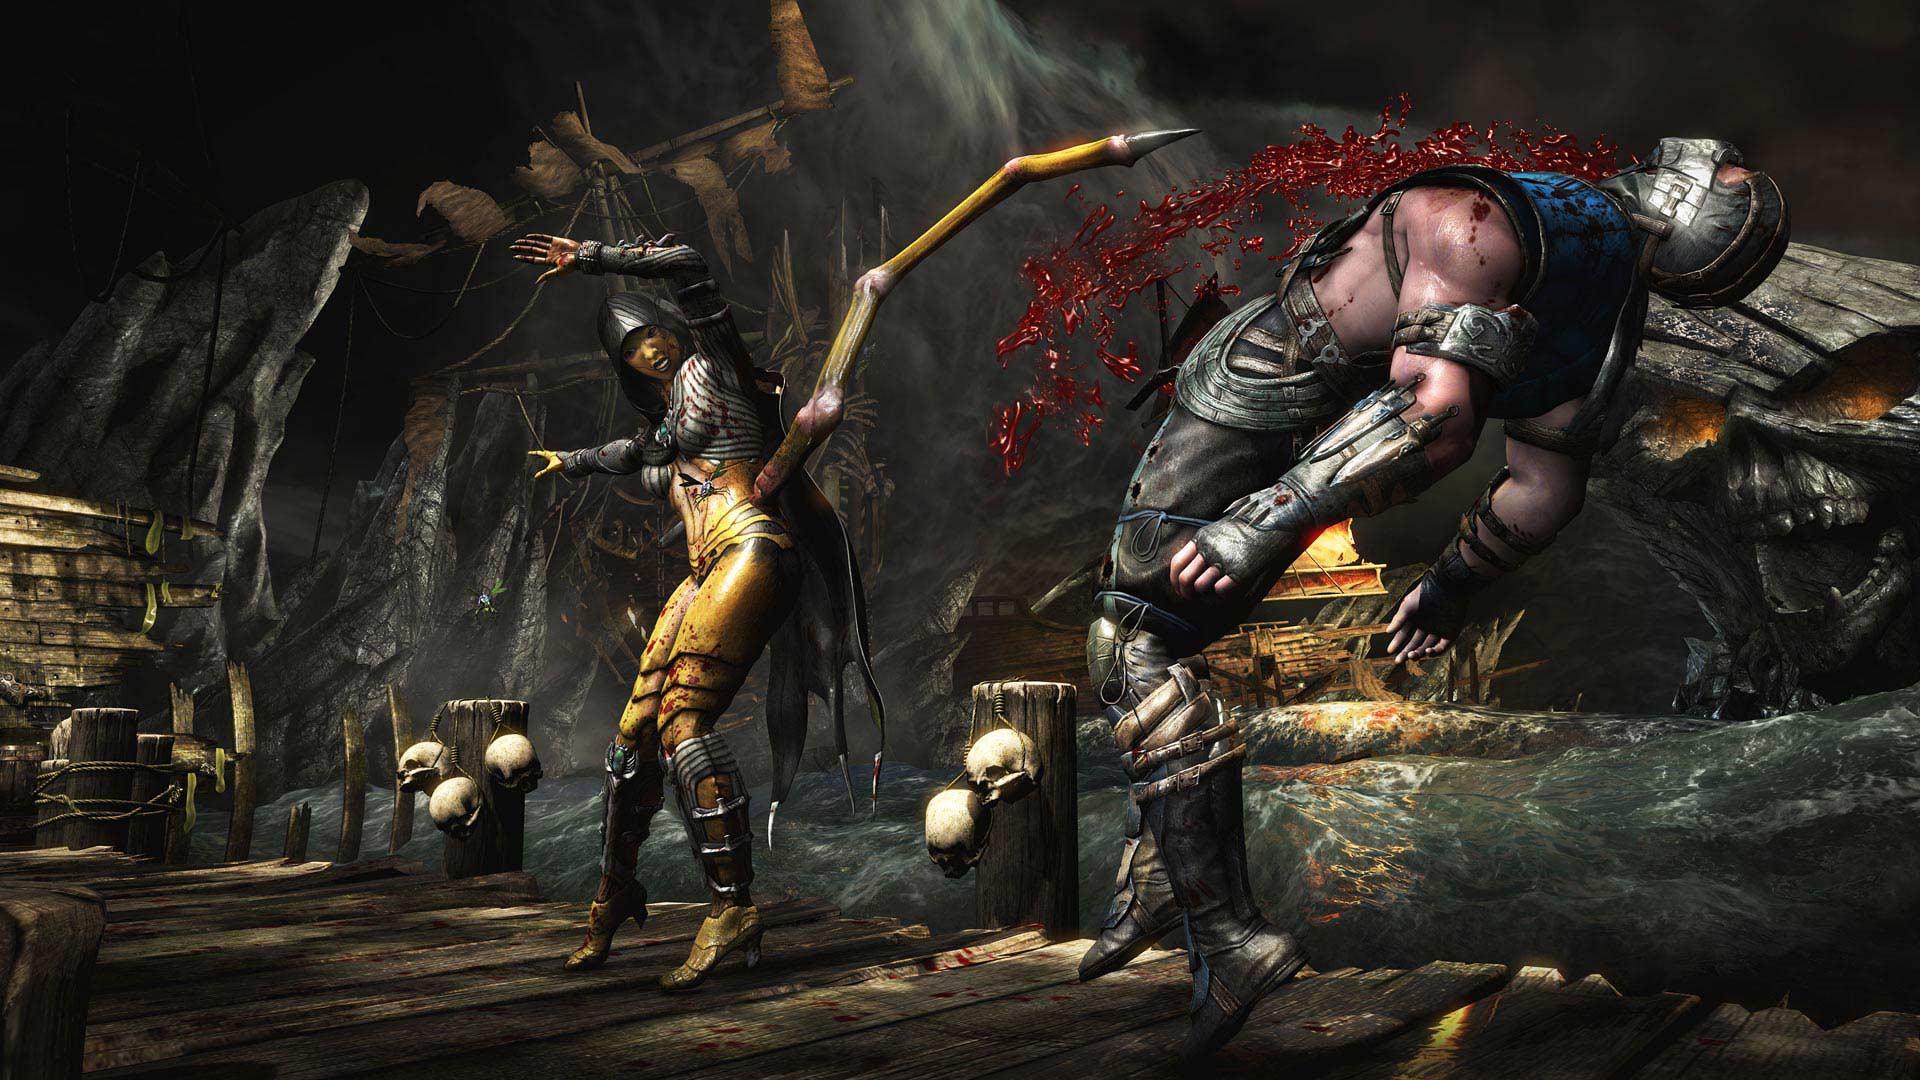 Hasil gambar untuk gambar game mortal kombat x